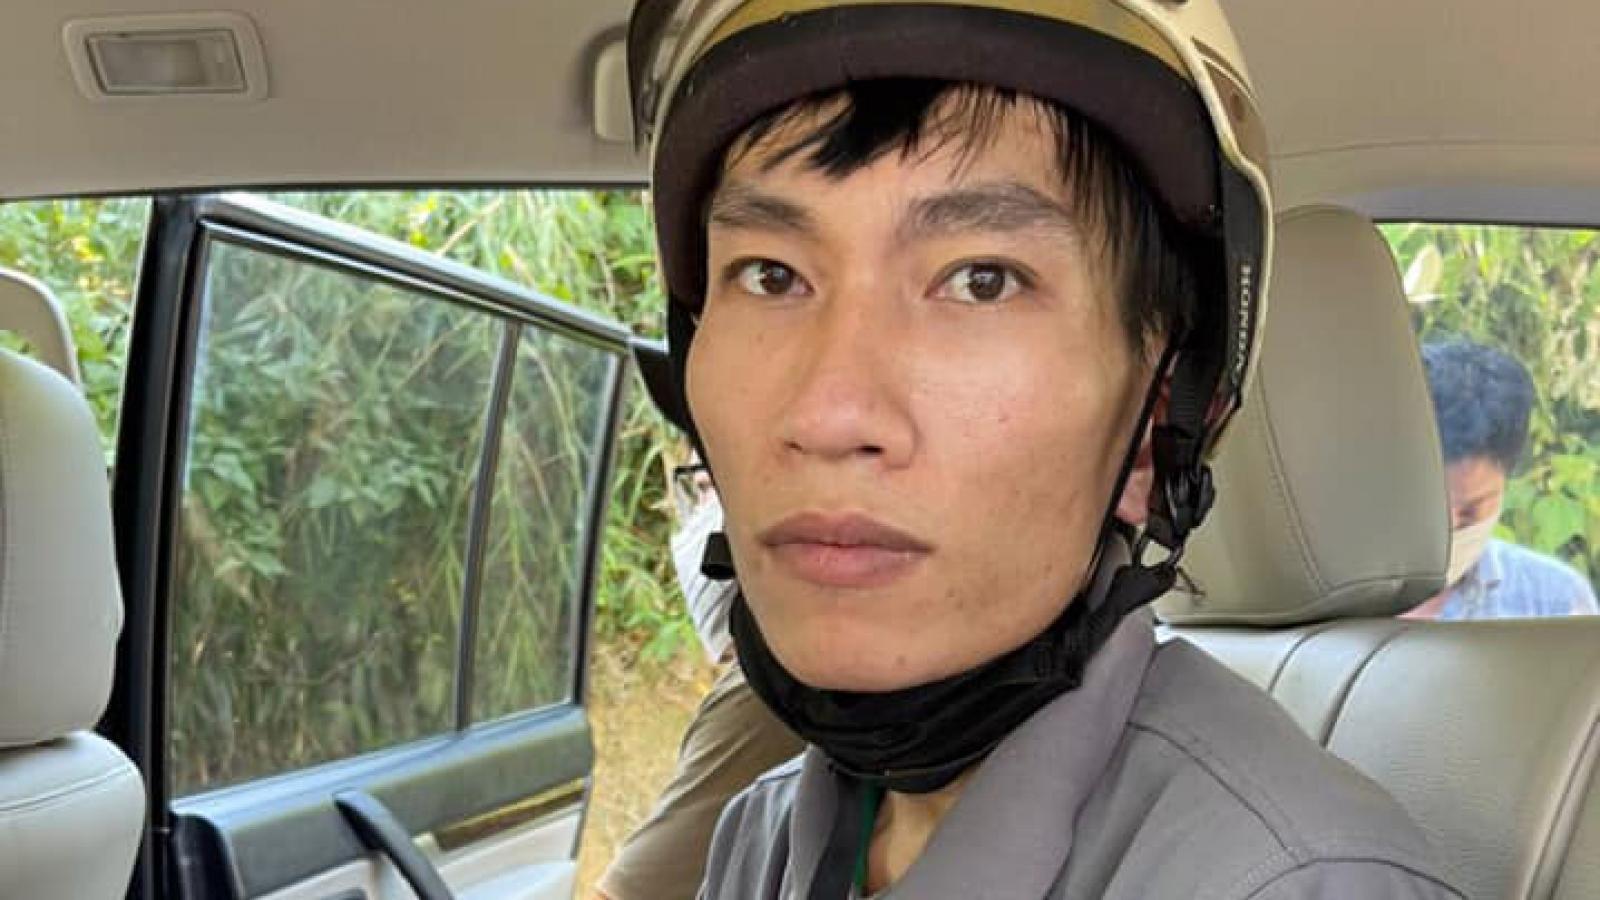 Nóng 24h: Thông tin mới vụ sát hại tài xế taxi ở Nghệ An